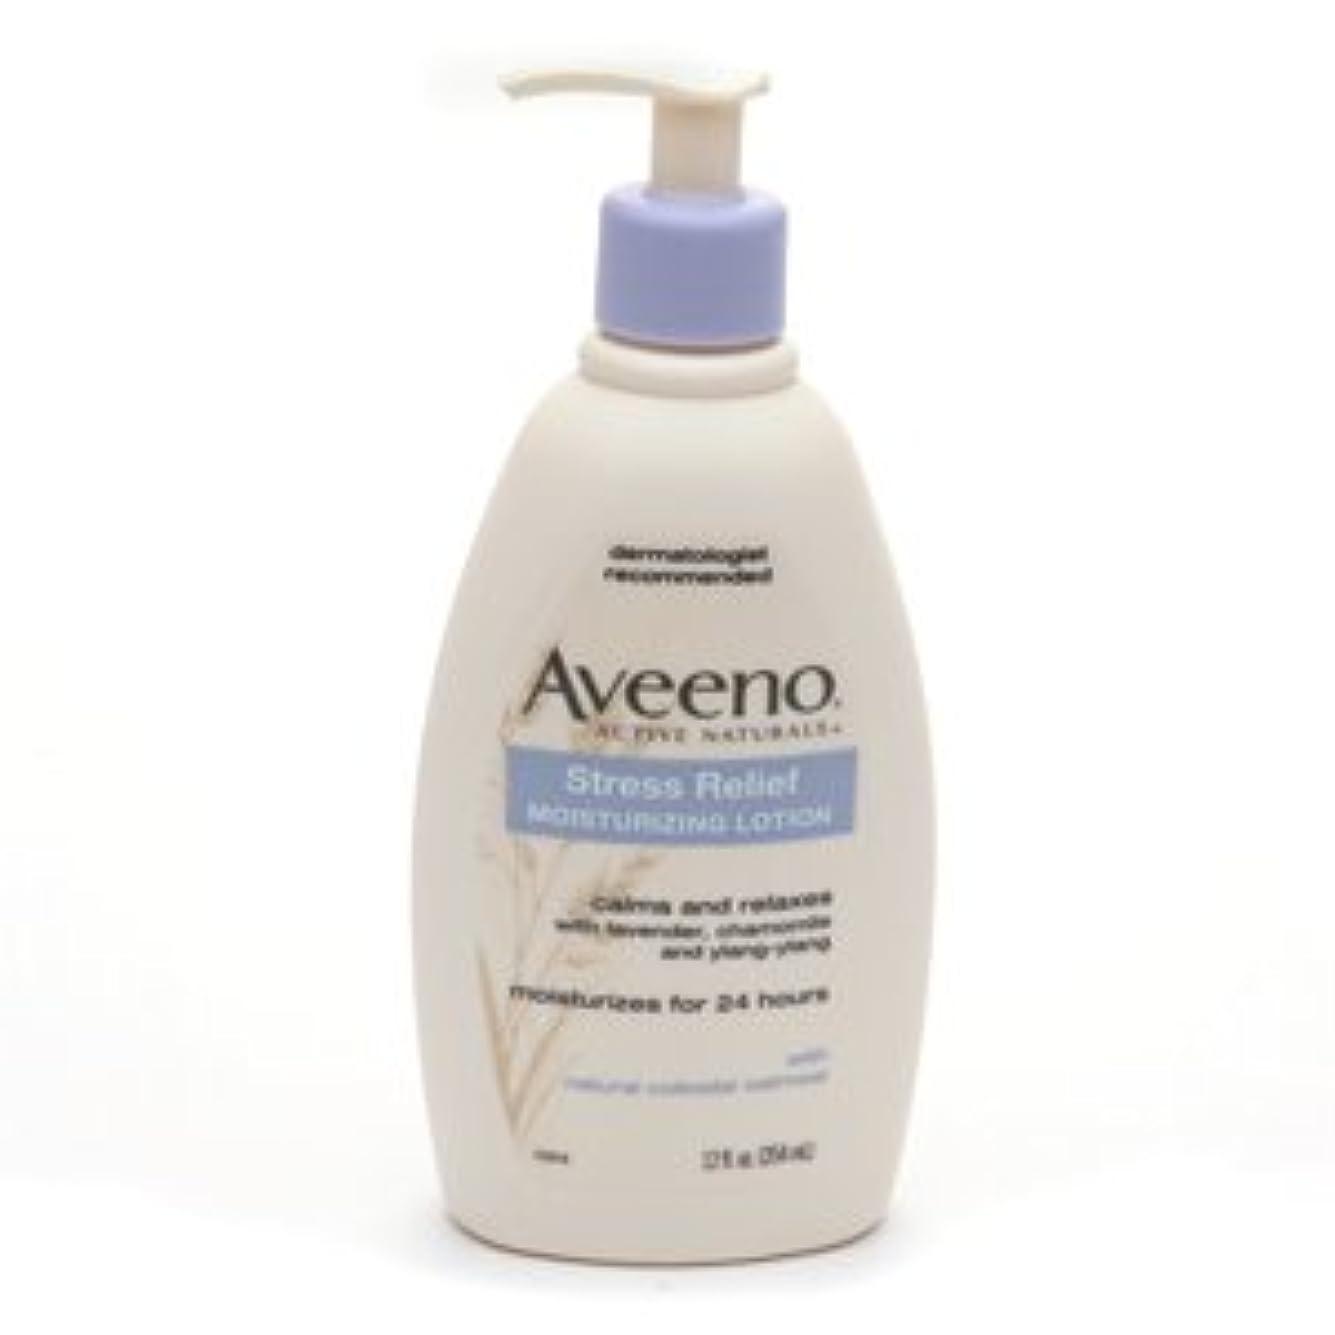 フェデレーション戦艦喉頭Aveeno - Stress Relief Moisturizing Lotion - 12 fl oz (354 ml)